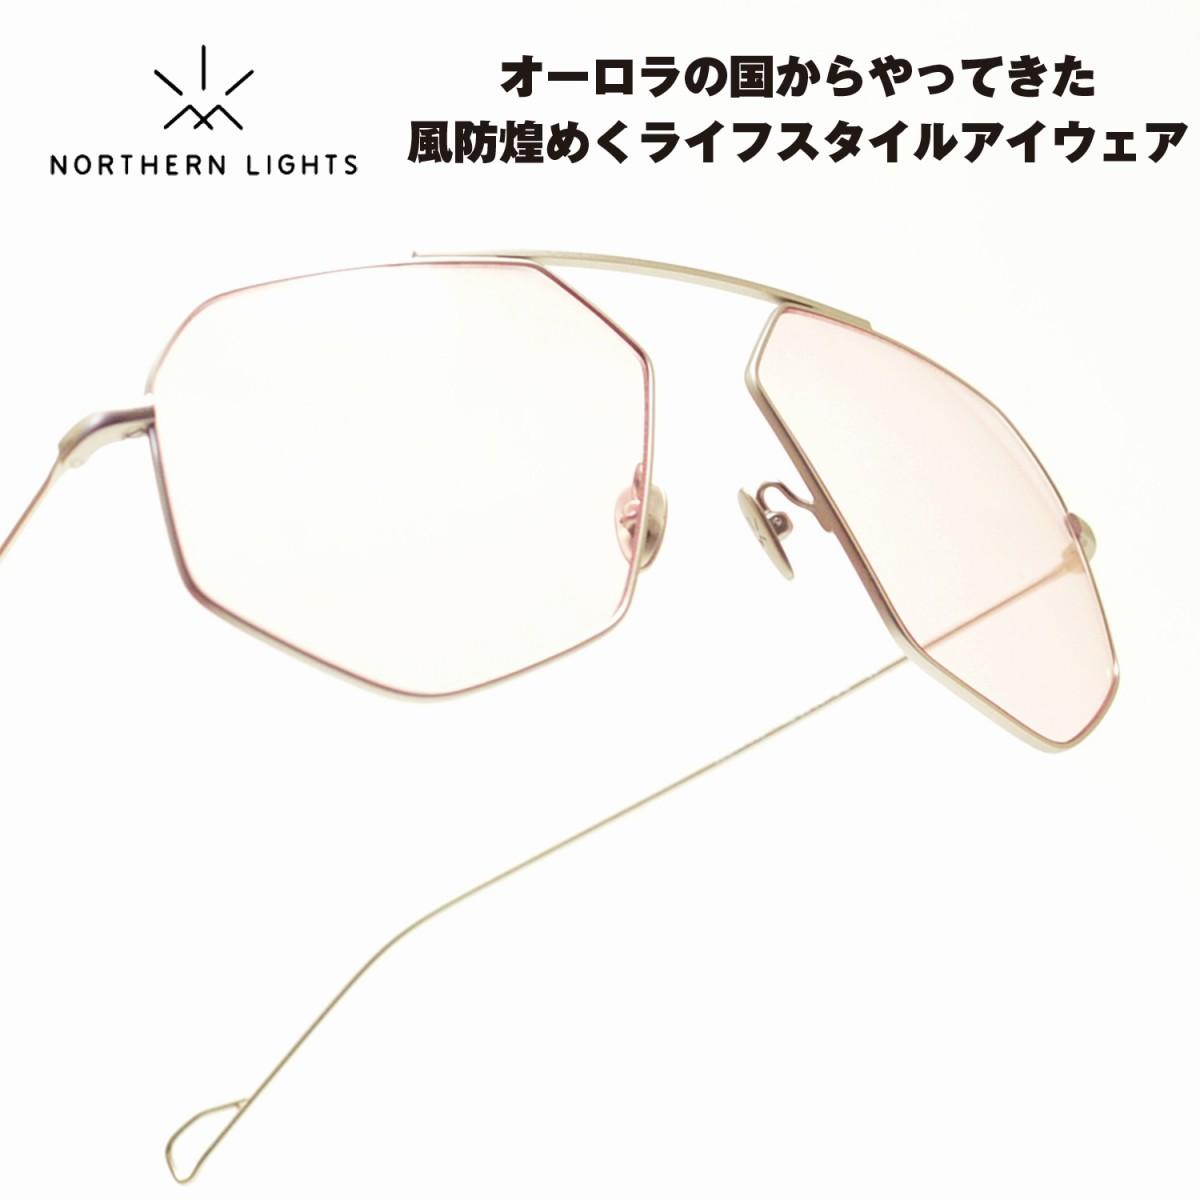 NORTHERN LIGHTS ノーザンライツ NL-26-067マットシルバー/ローズメガネ サングラス 眼鏡 めがね メンズ レディース おしゃれ ブランド 人気 おすすめ フレーム 流行り 度付き レンズ